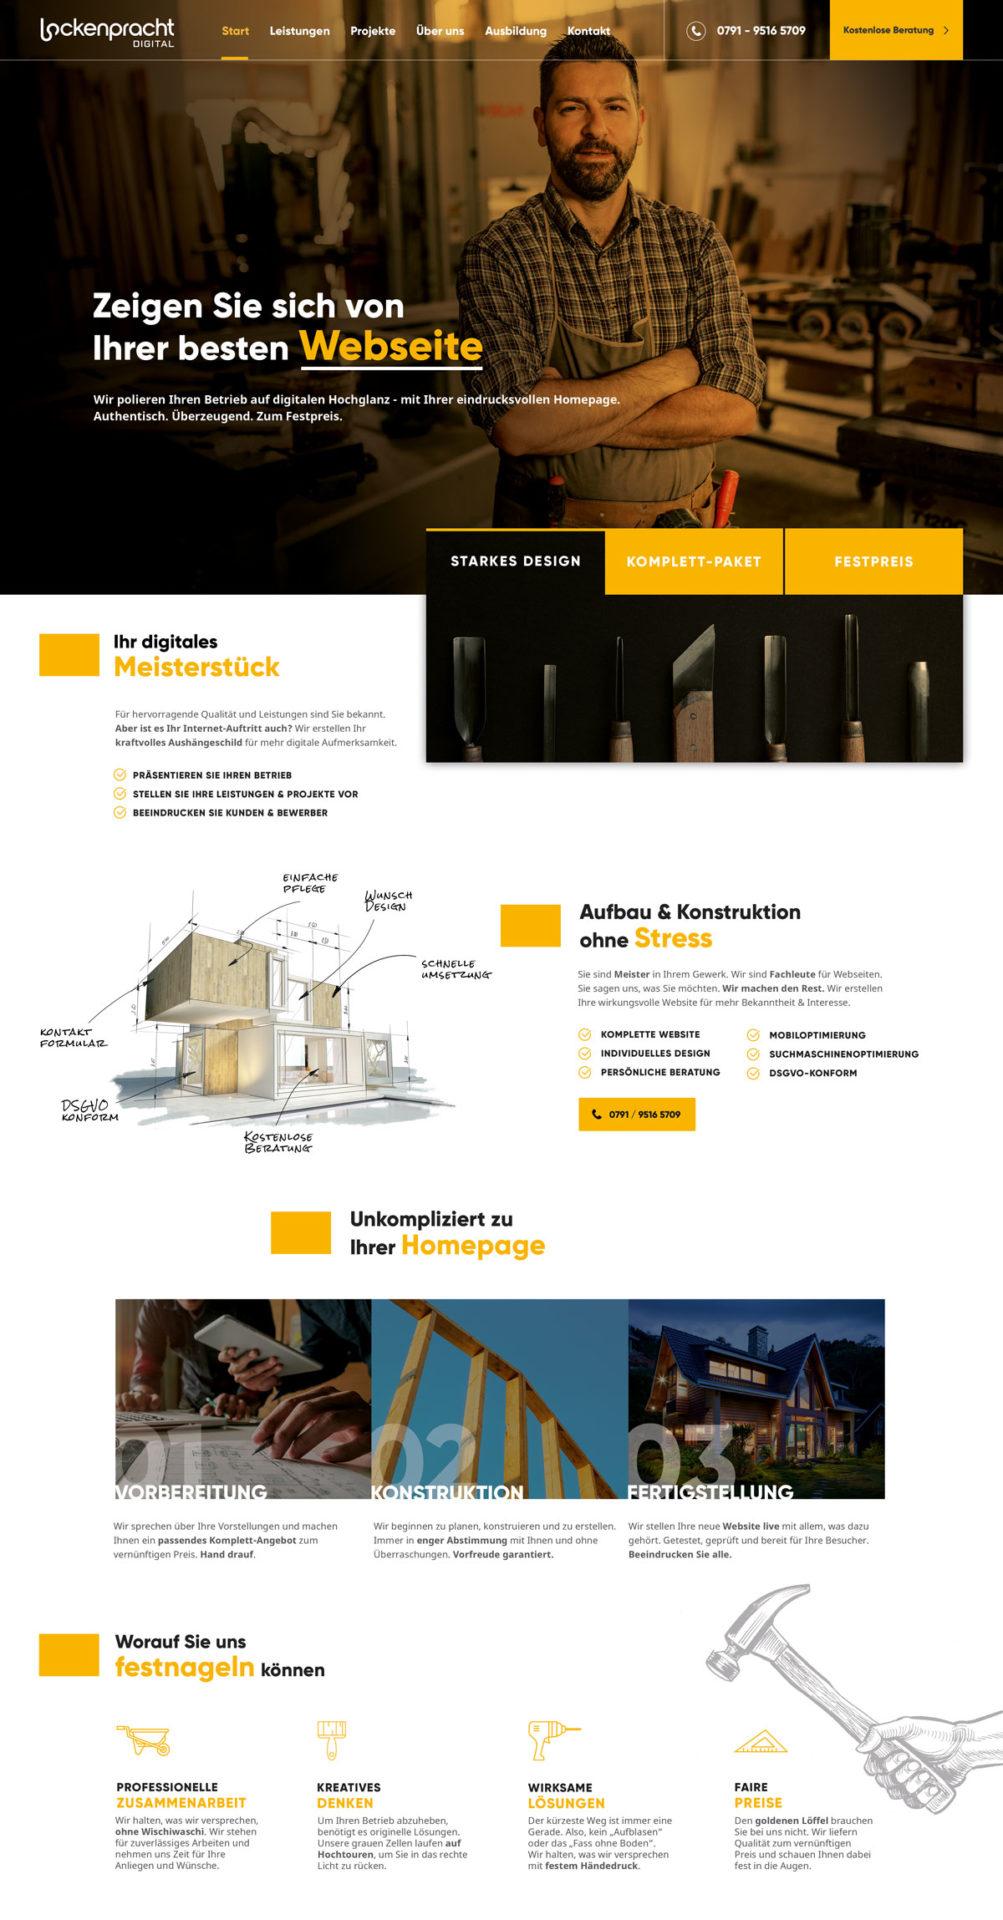 handwerker_website_beispiel_01_lockenpracht-digital